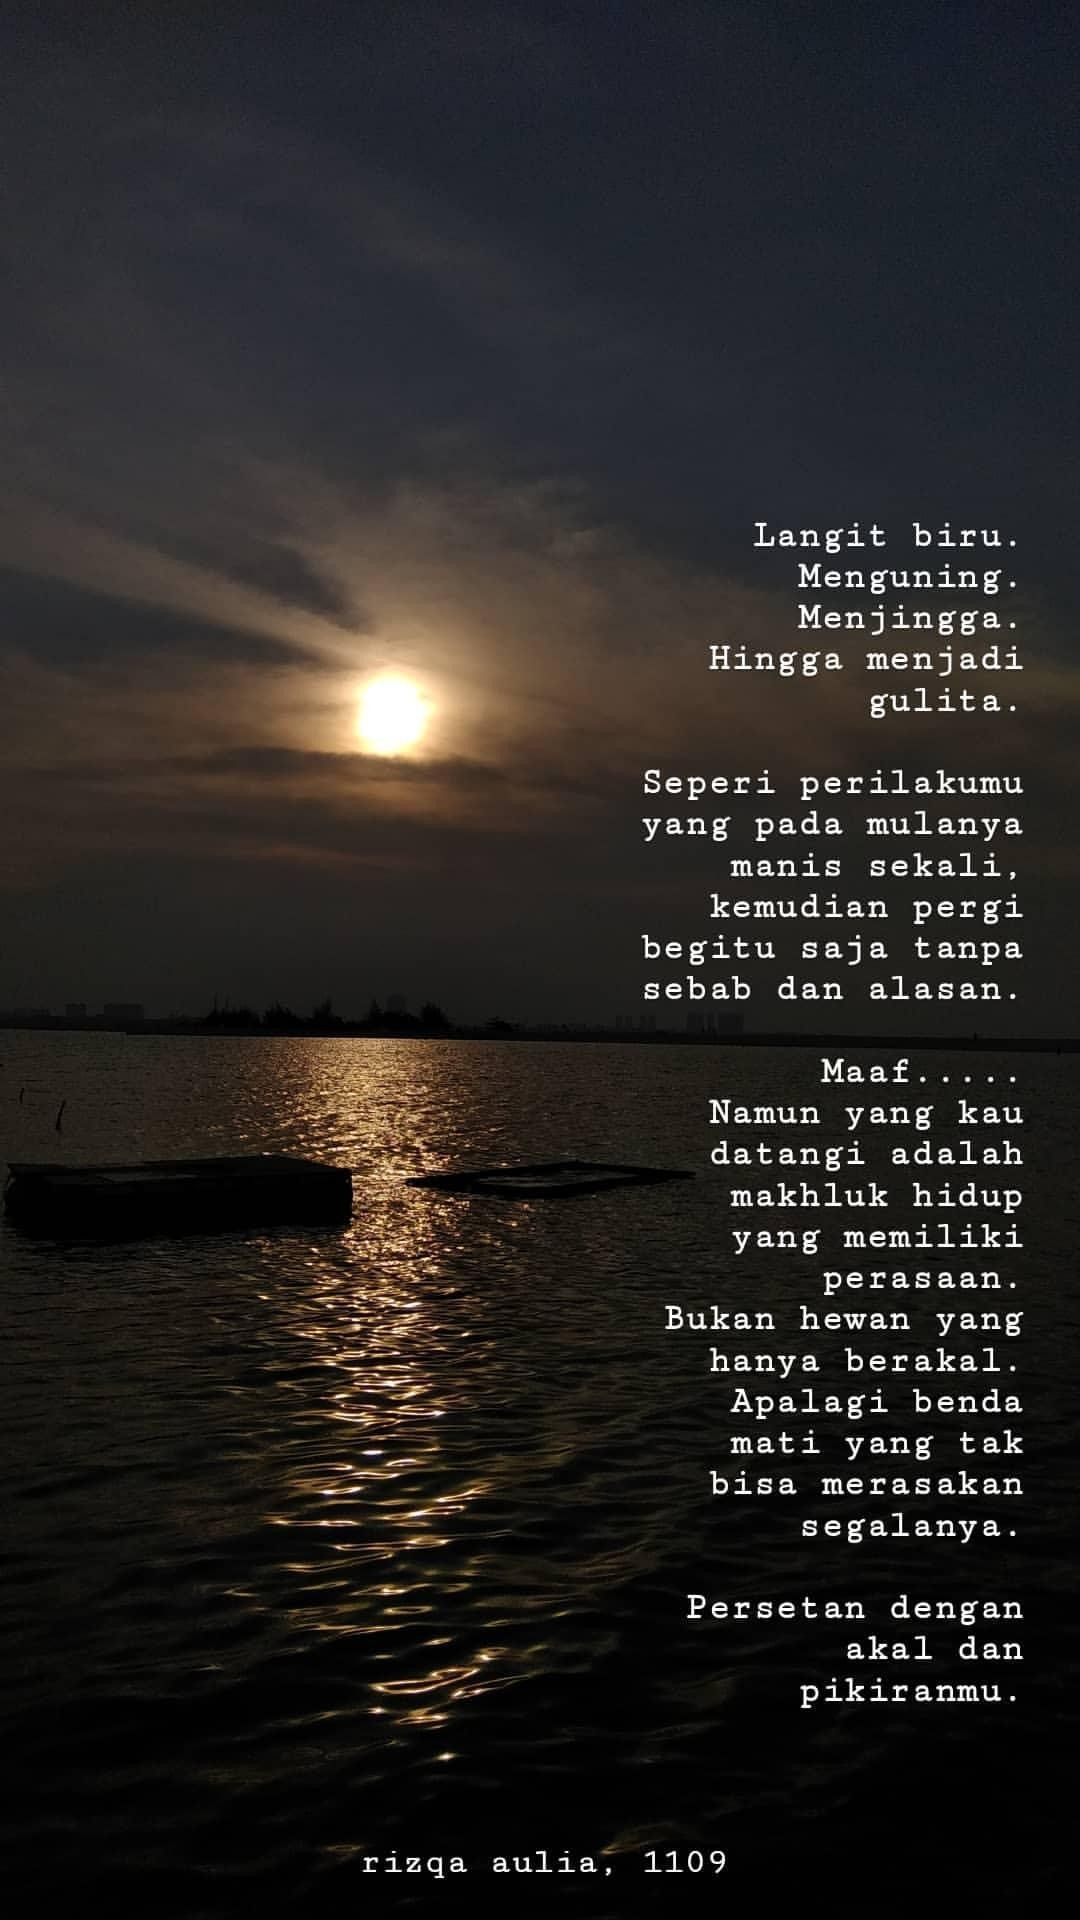 Quotes Tentang Laut Dan Langit